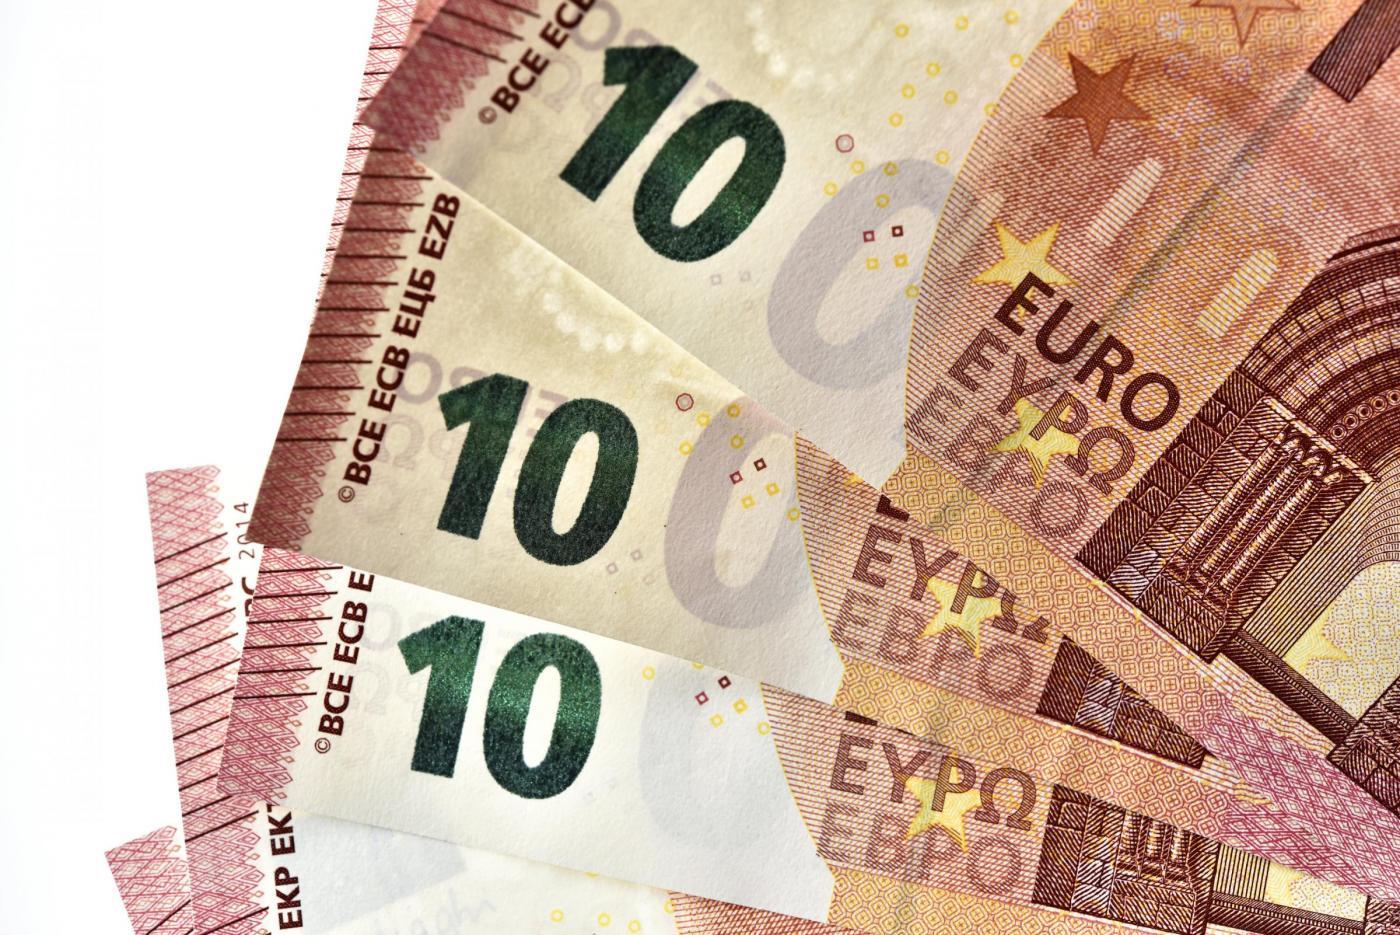 Controlli fiscali 2016, le novità dell'Agenzia delle entrate voce per voce